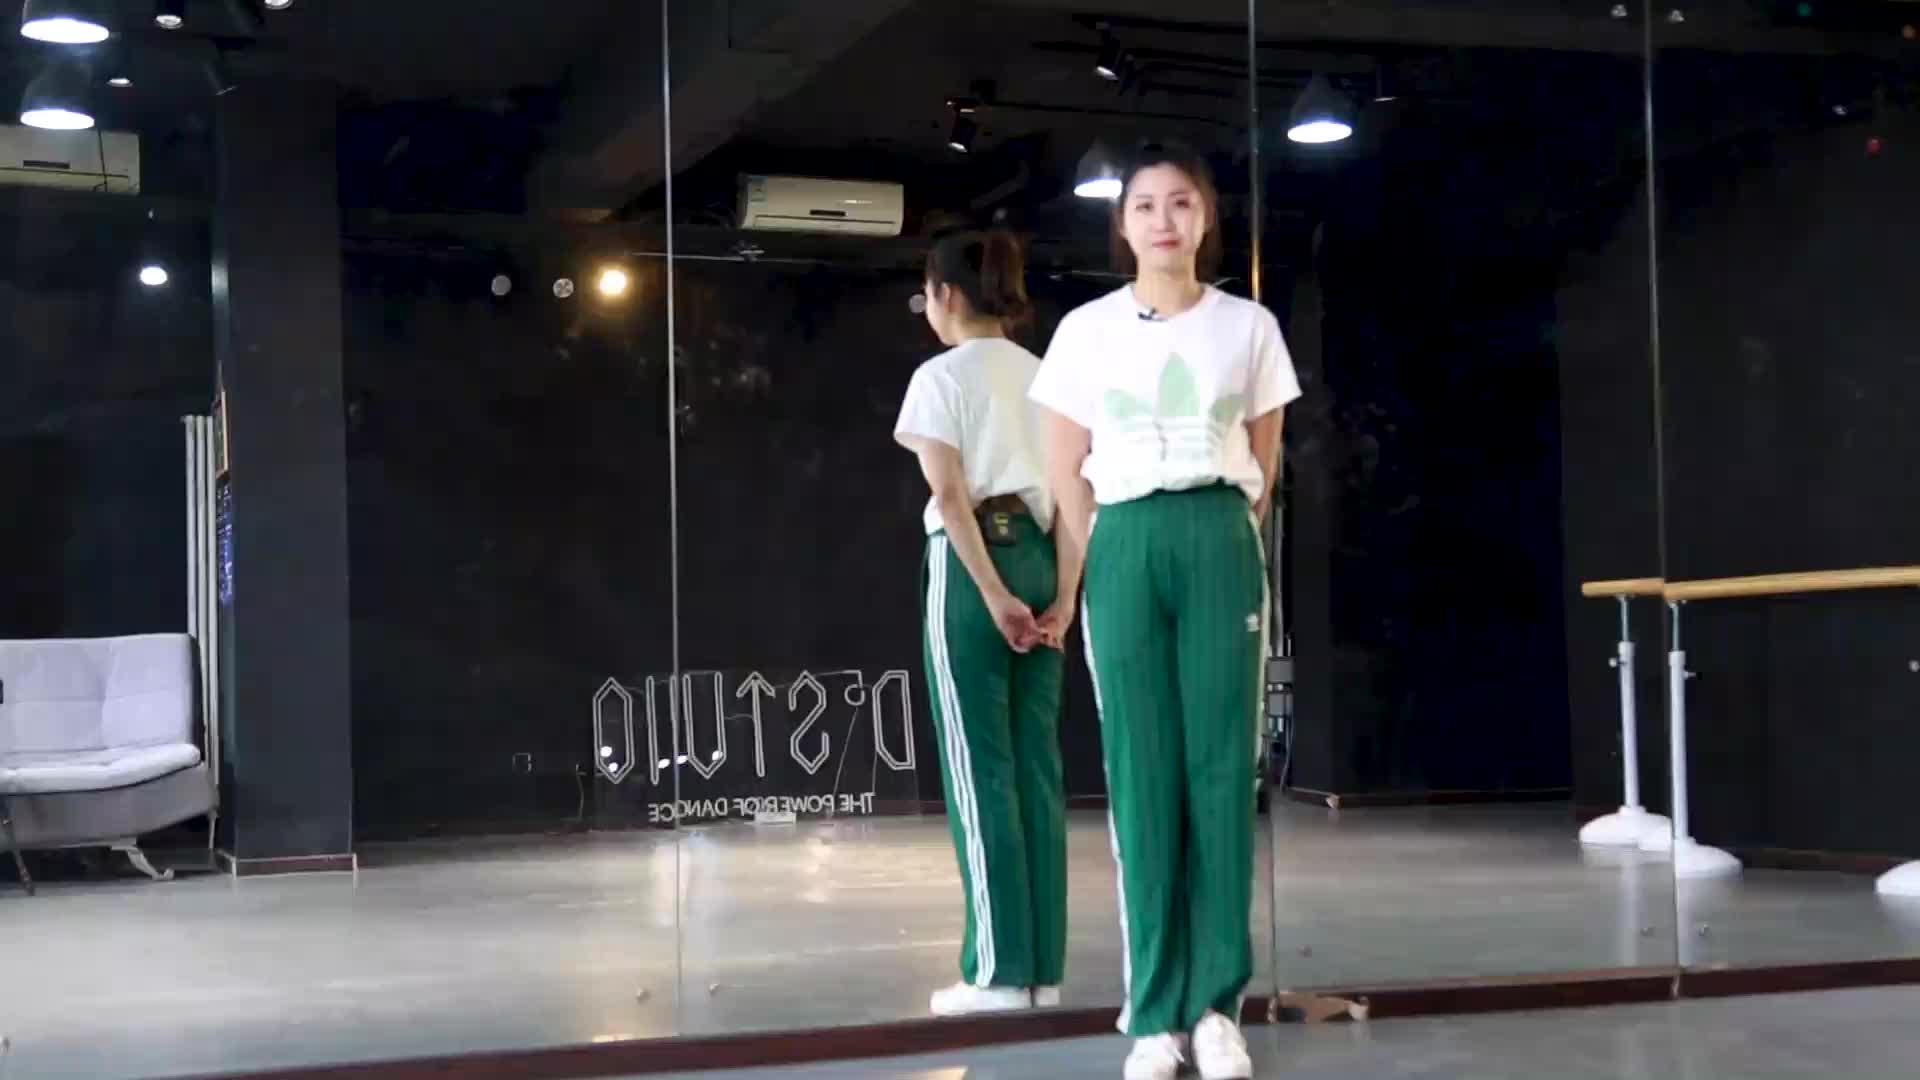 【舞蹈教学】宋茜《屋顶着火》超详细版镜面讲解 第一部分